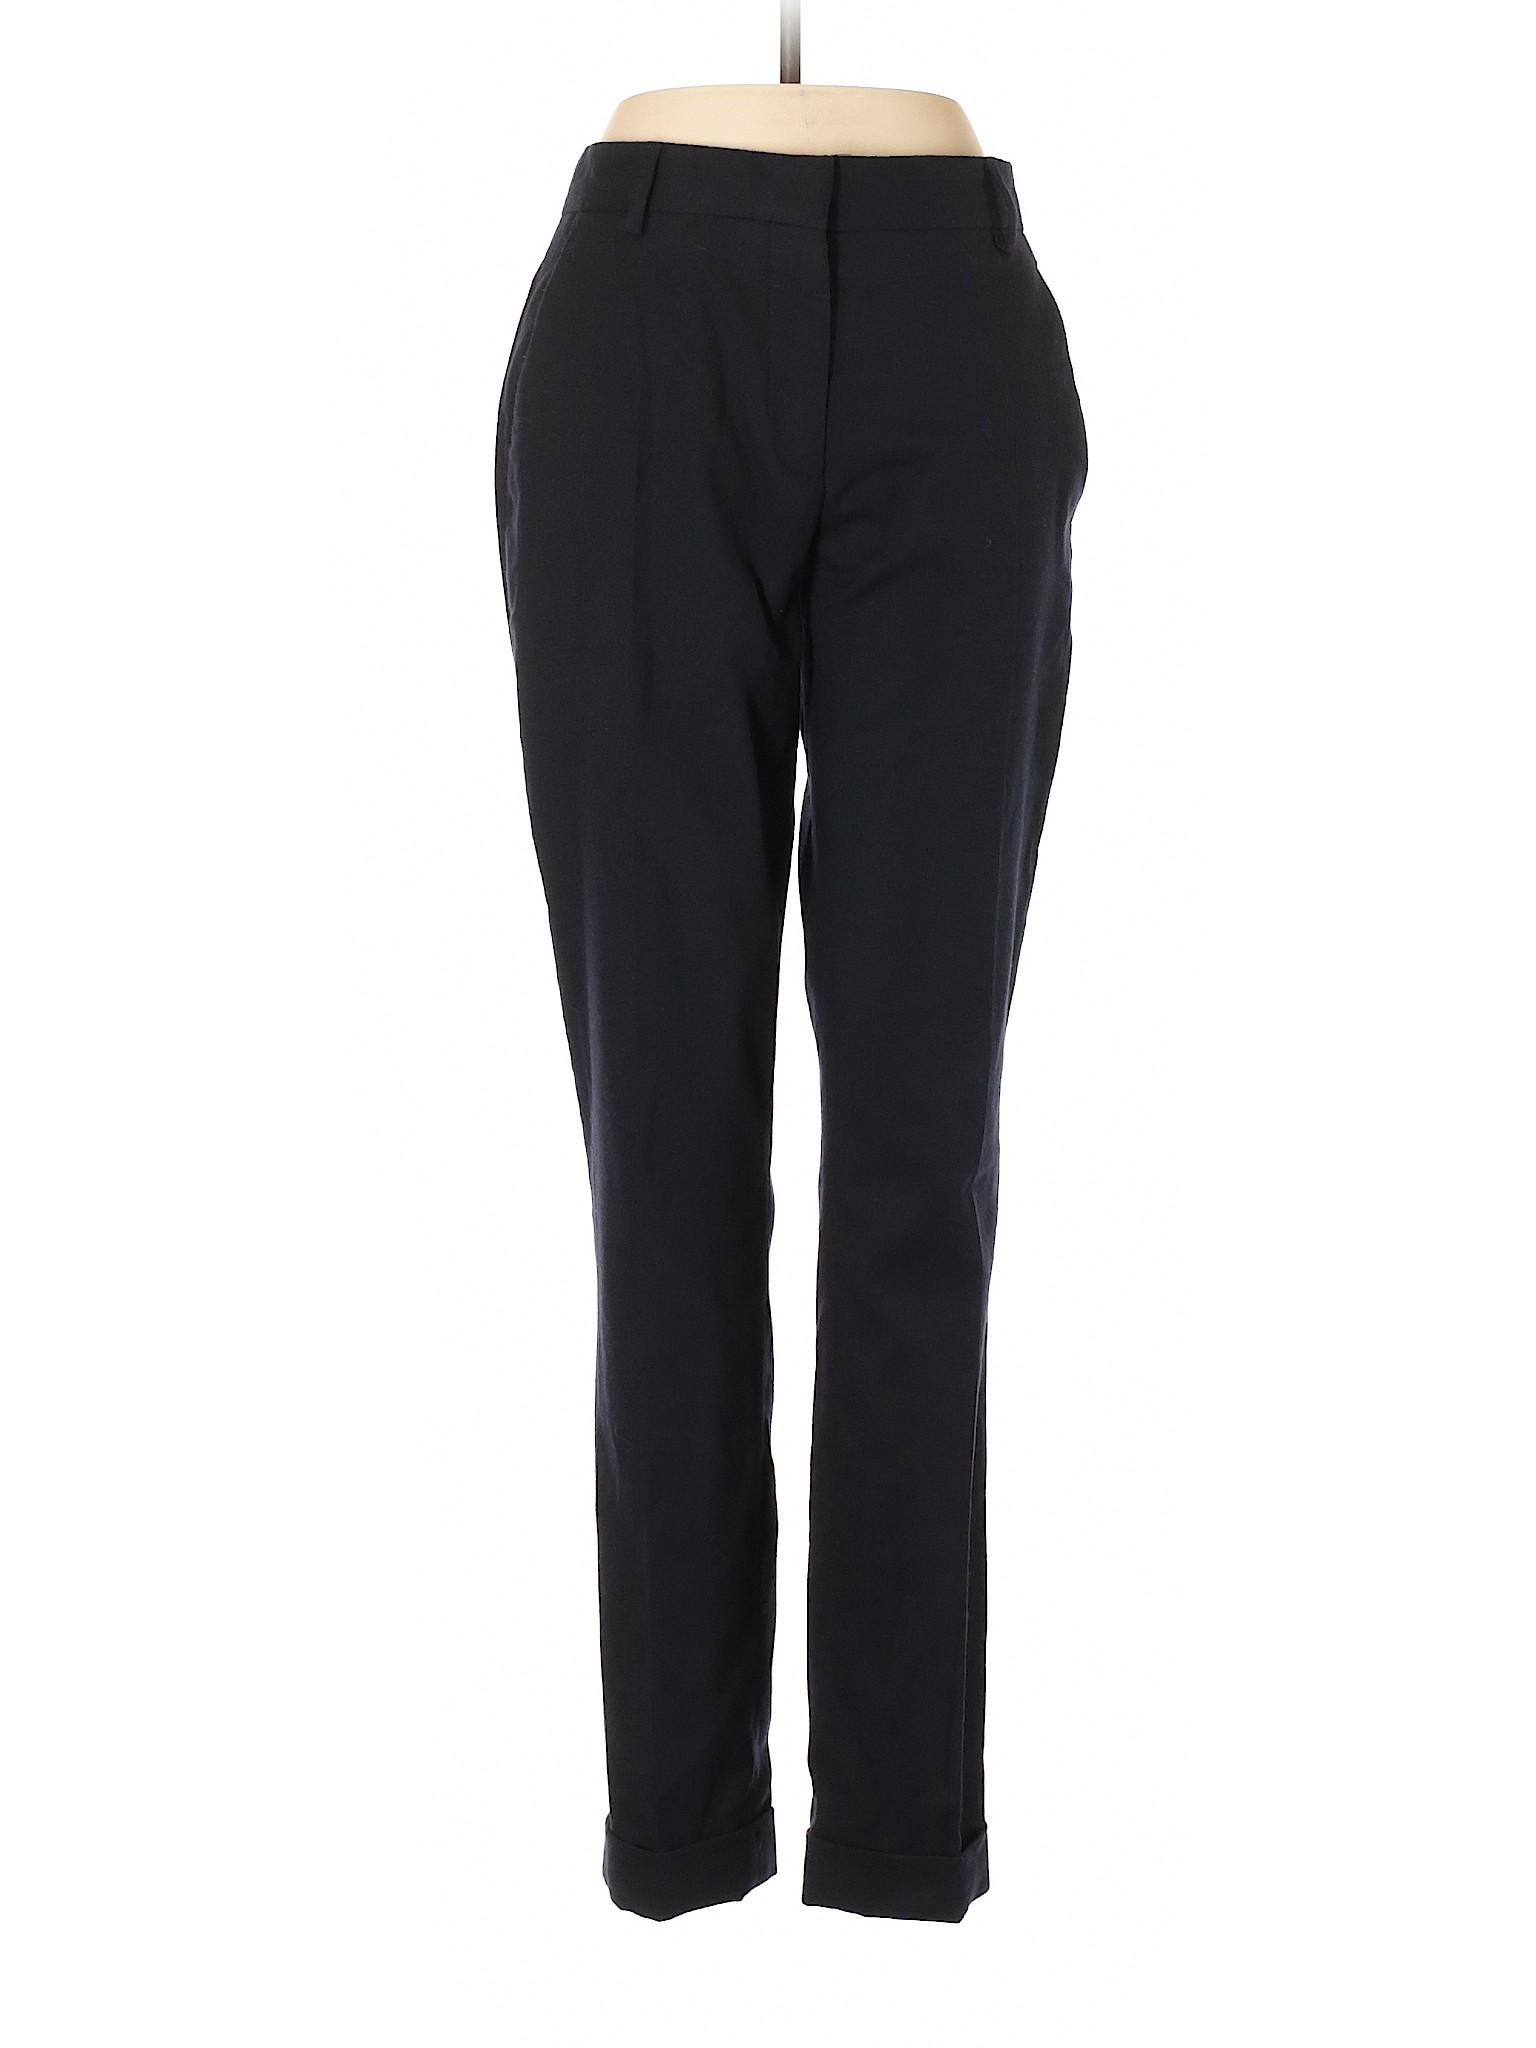 Brit Pants Boutique leisure Burberry Wool qPaTxw6